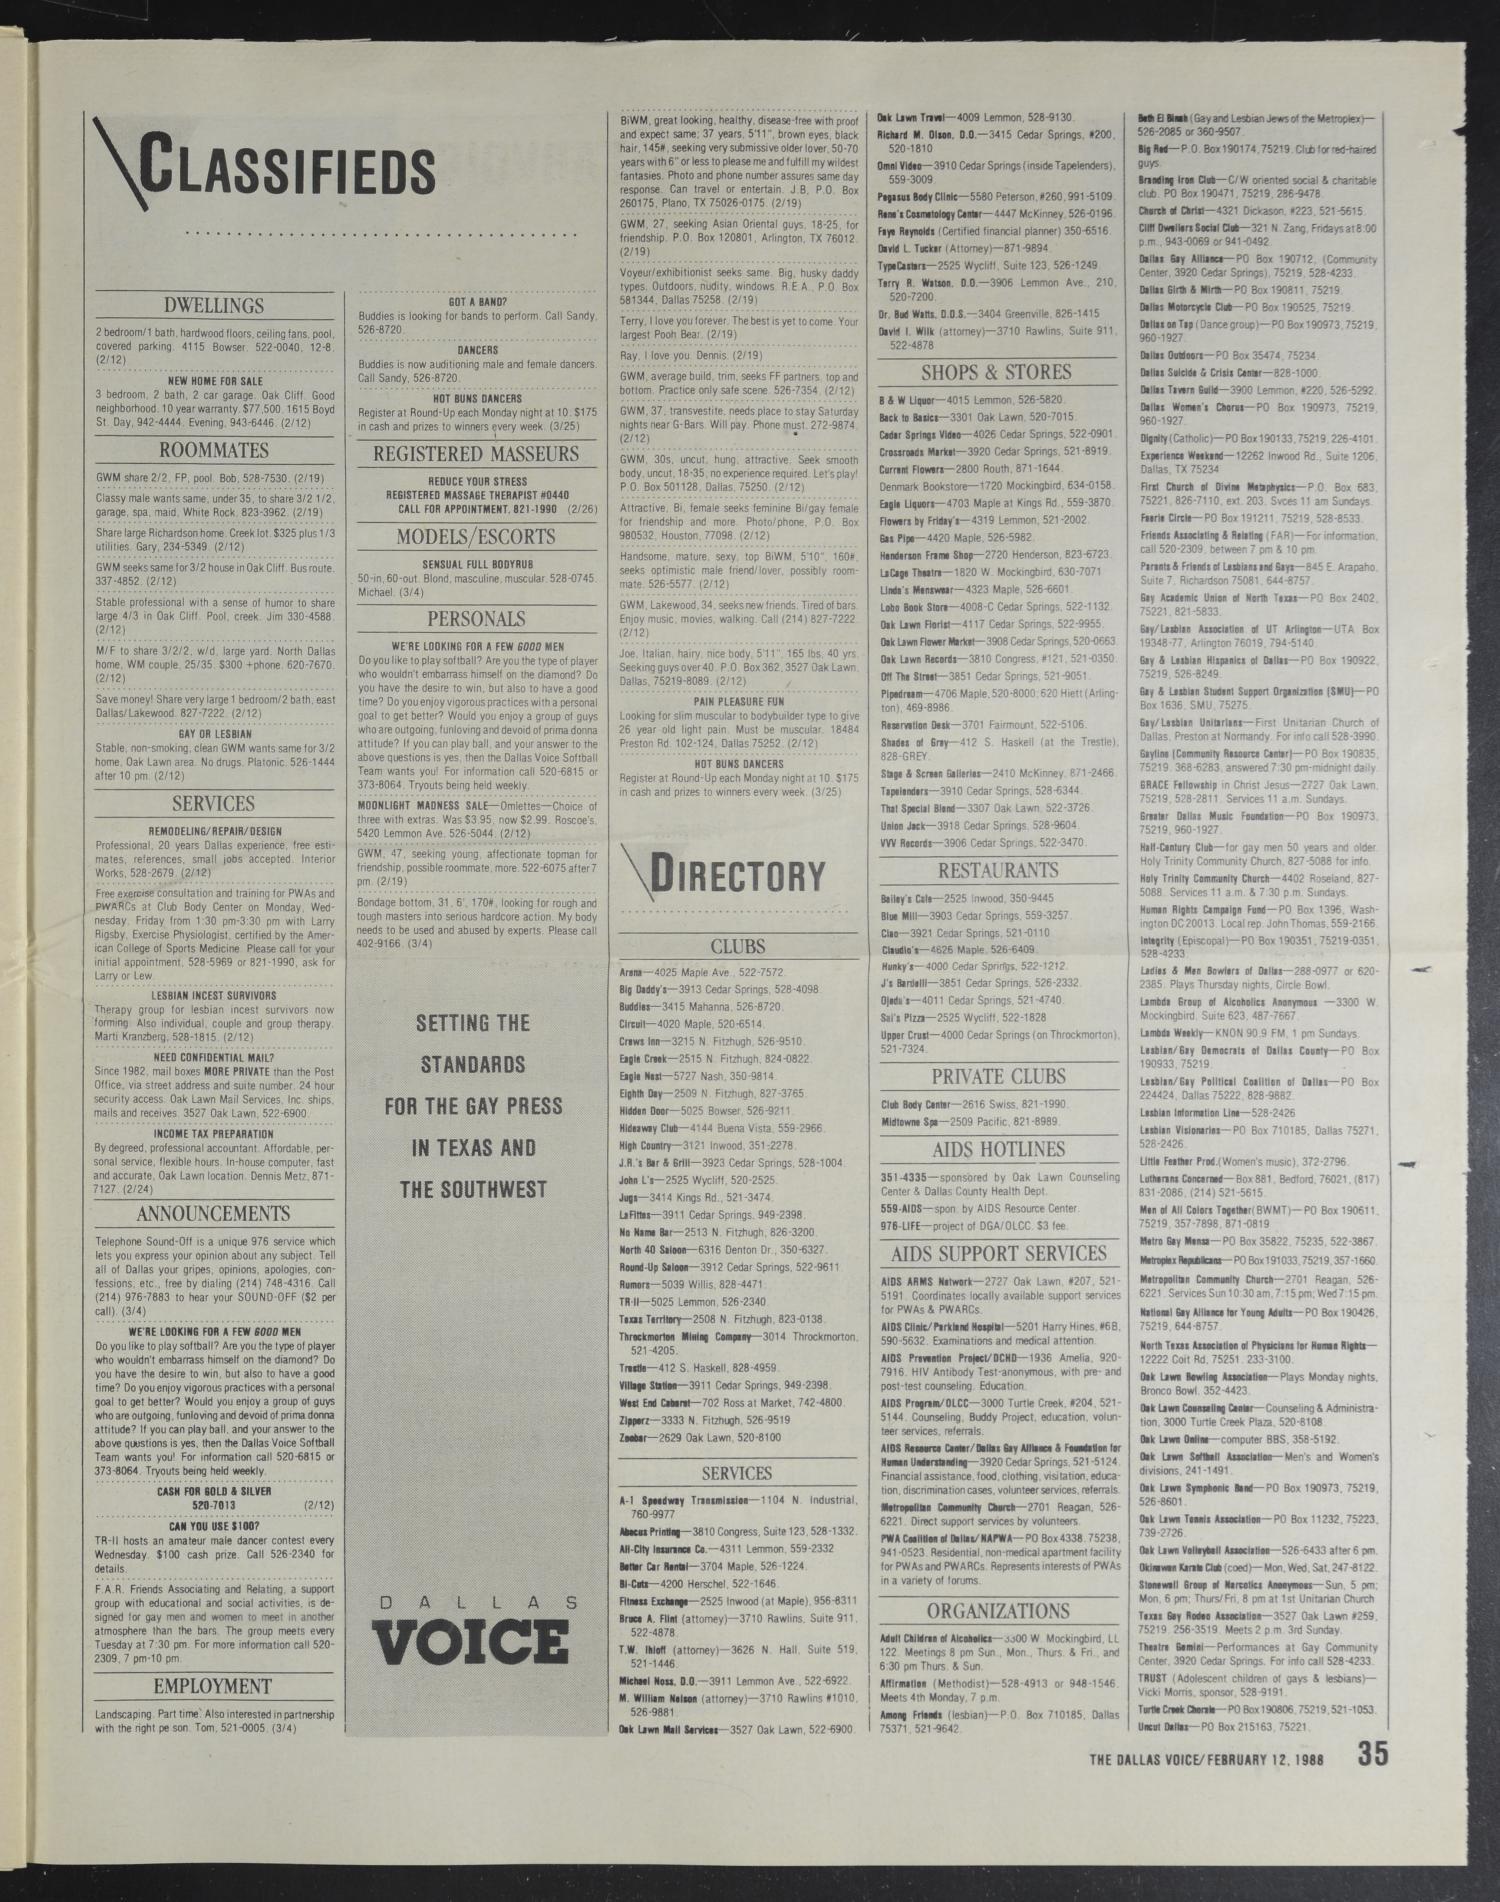 Dallas Voice (Dallas, Tex ), Vol  4, No  42, Ed  1 Friday, February